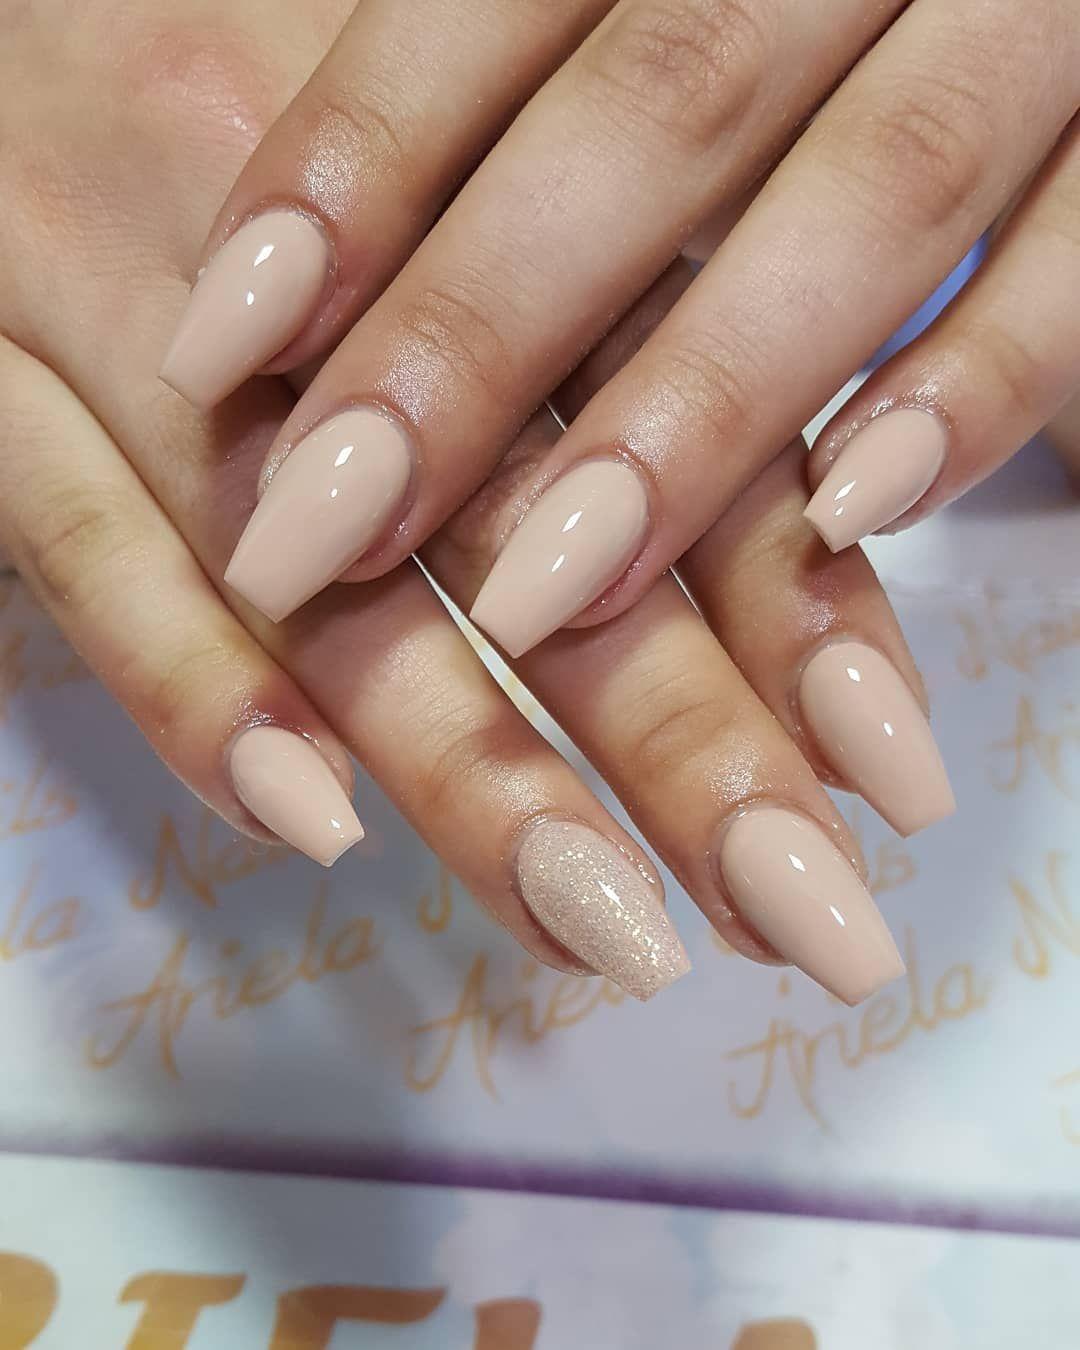 Beautiful nude nail art – Aariela nails